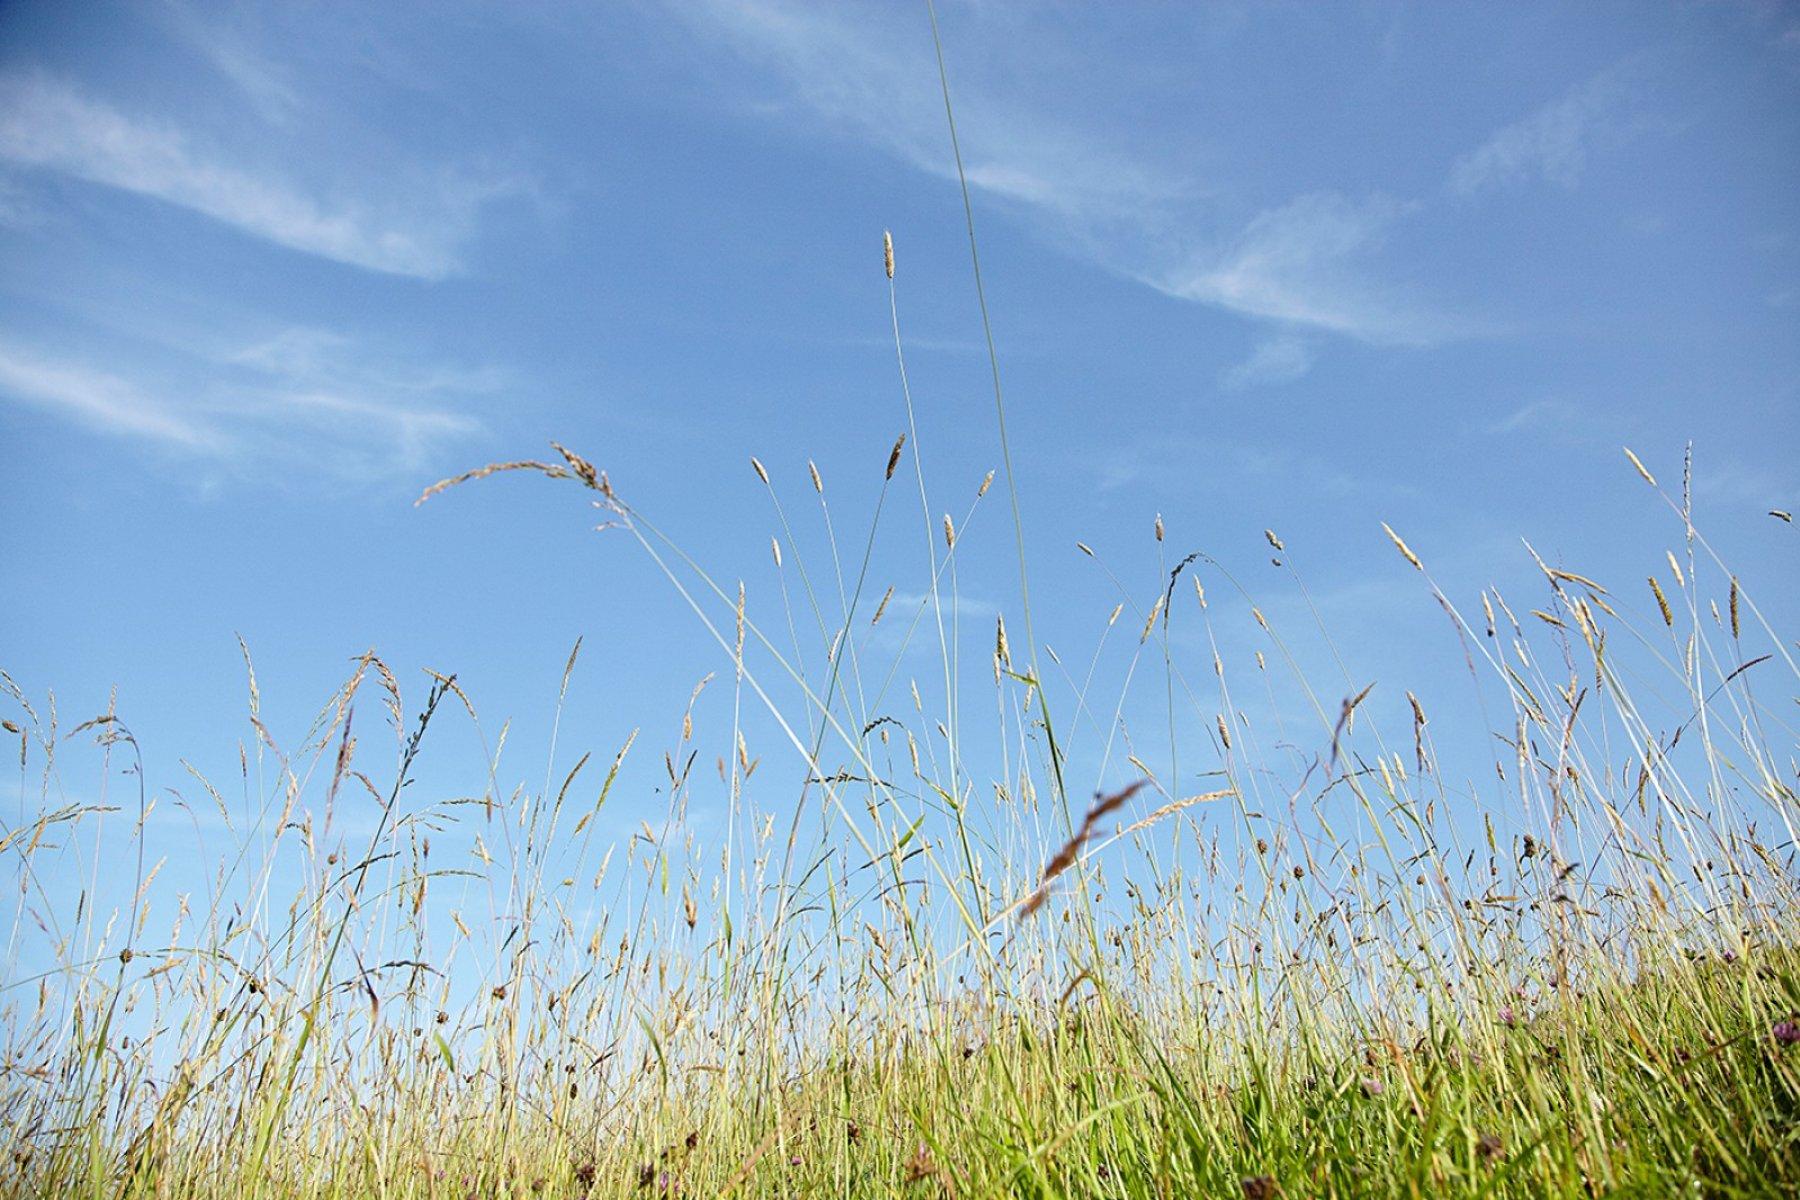 Die sonnige Südlage, die Höhenlage und die intensive Sonneneinstrahlung sind für die hohe Qualtität der Kräuter verantwortlich